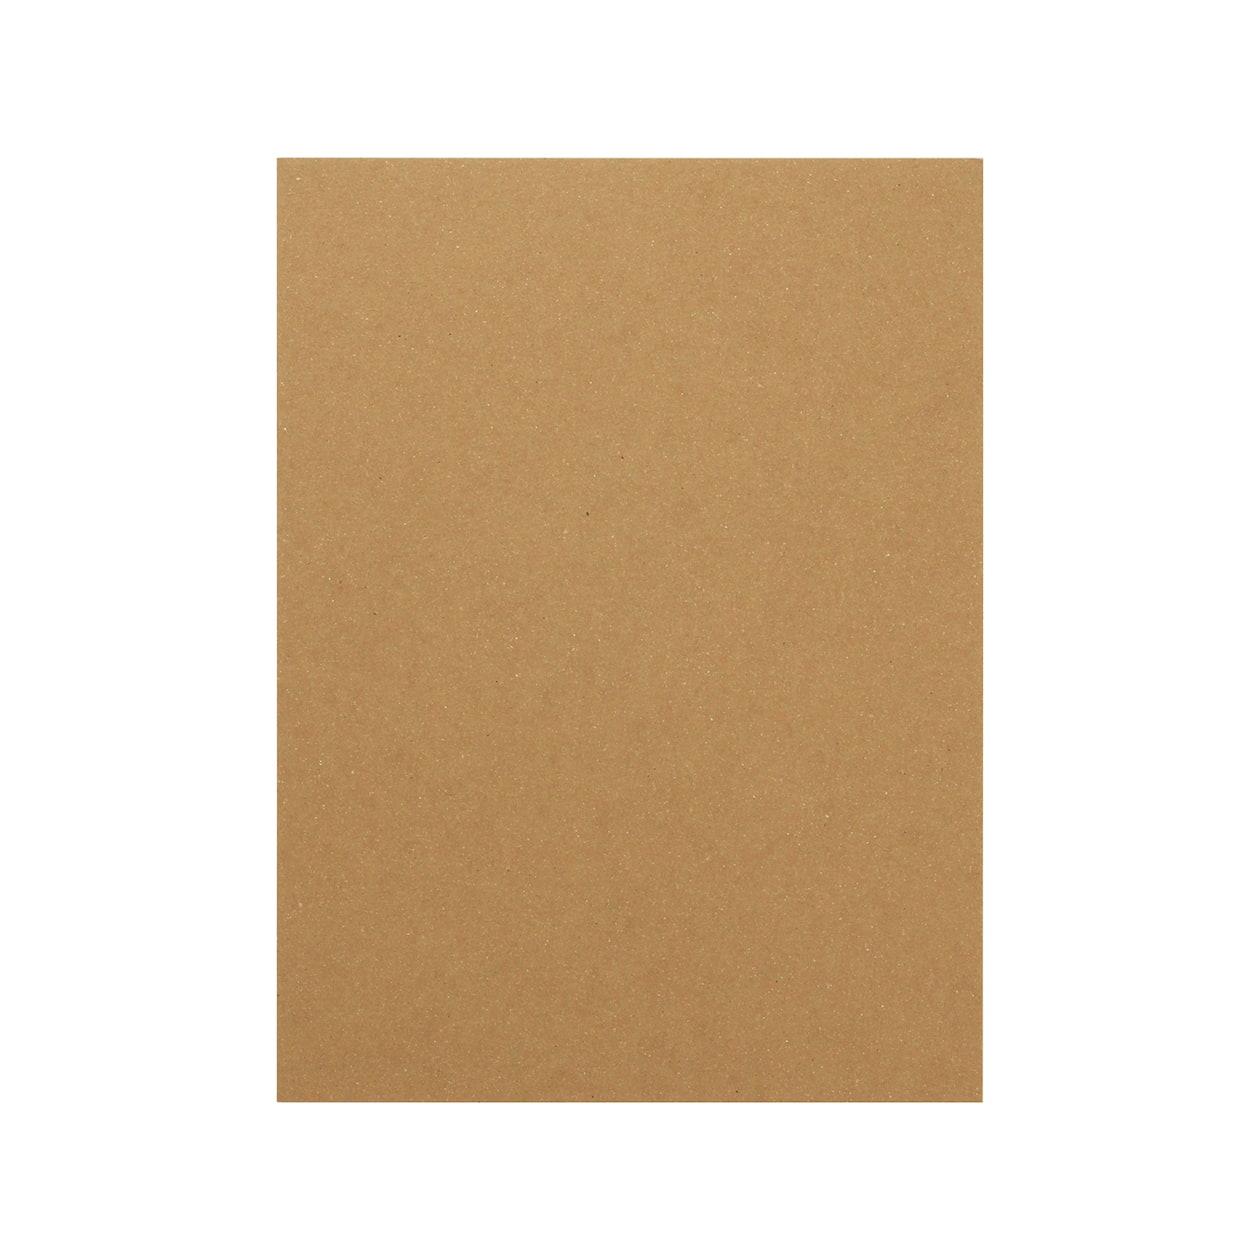 A5カード+30 ボード紙 ブラウン 600g